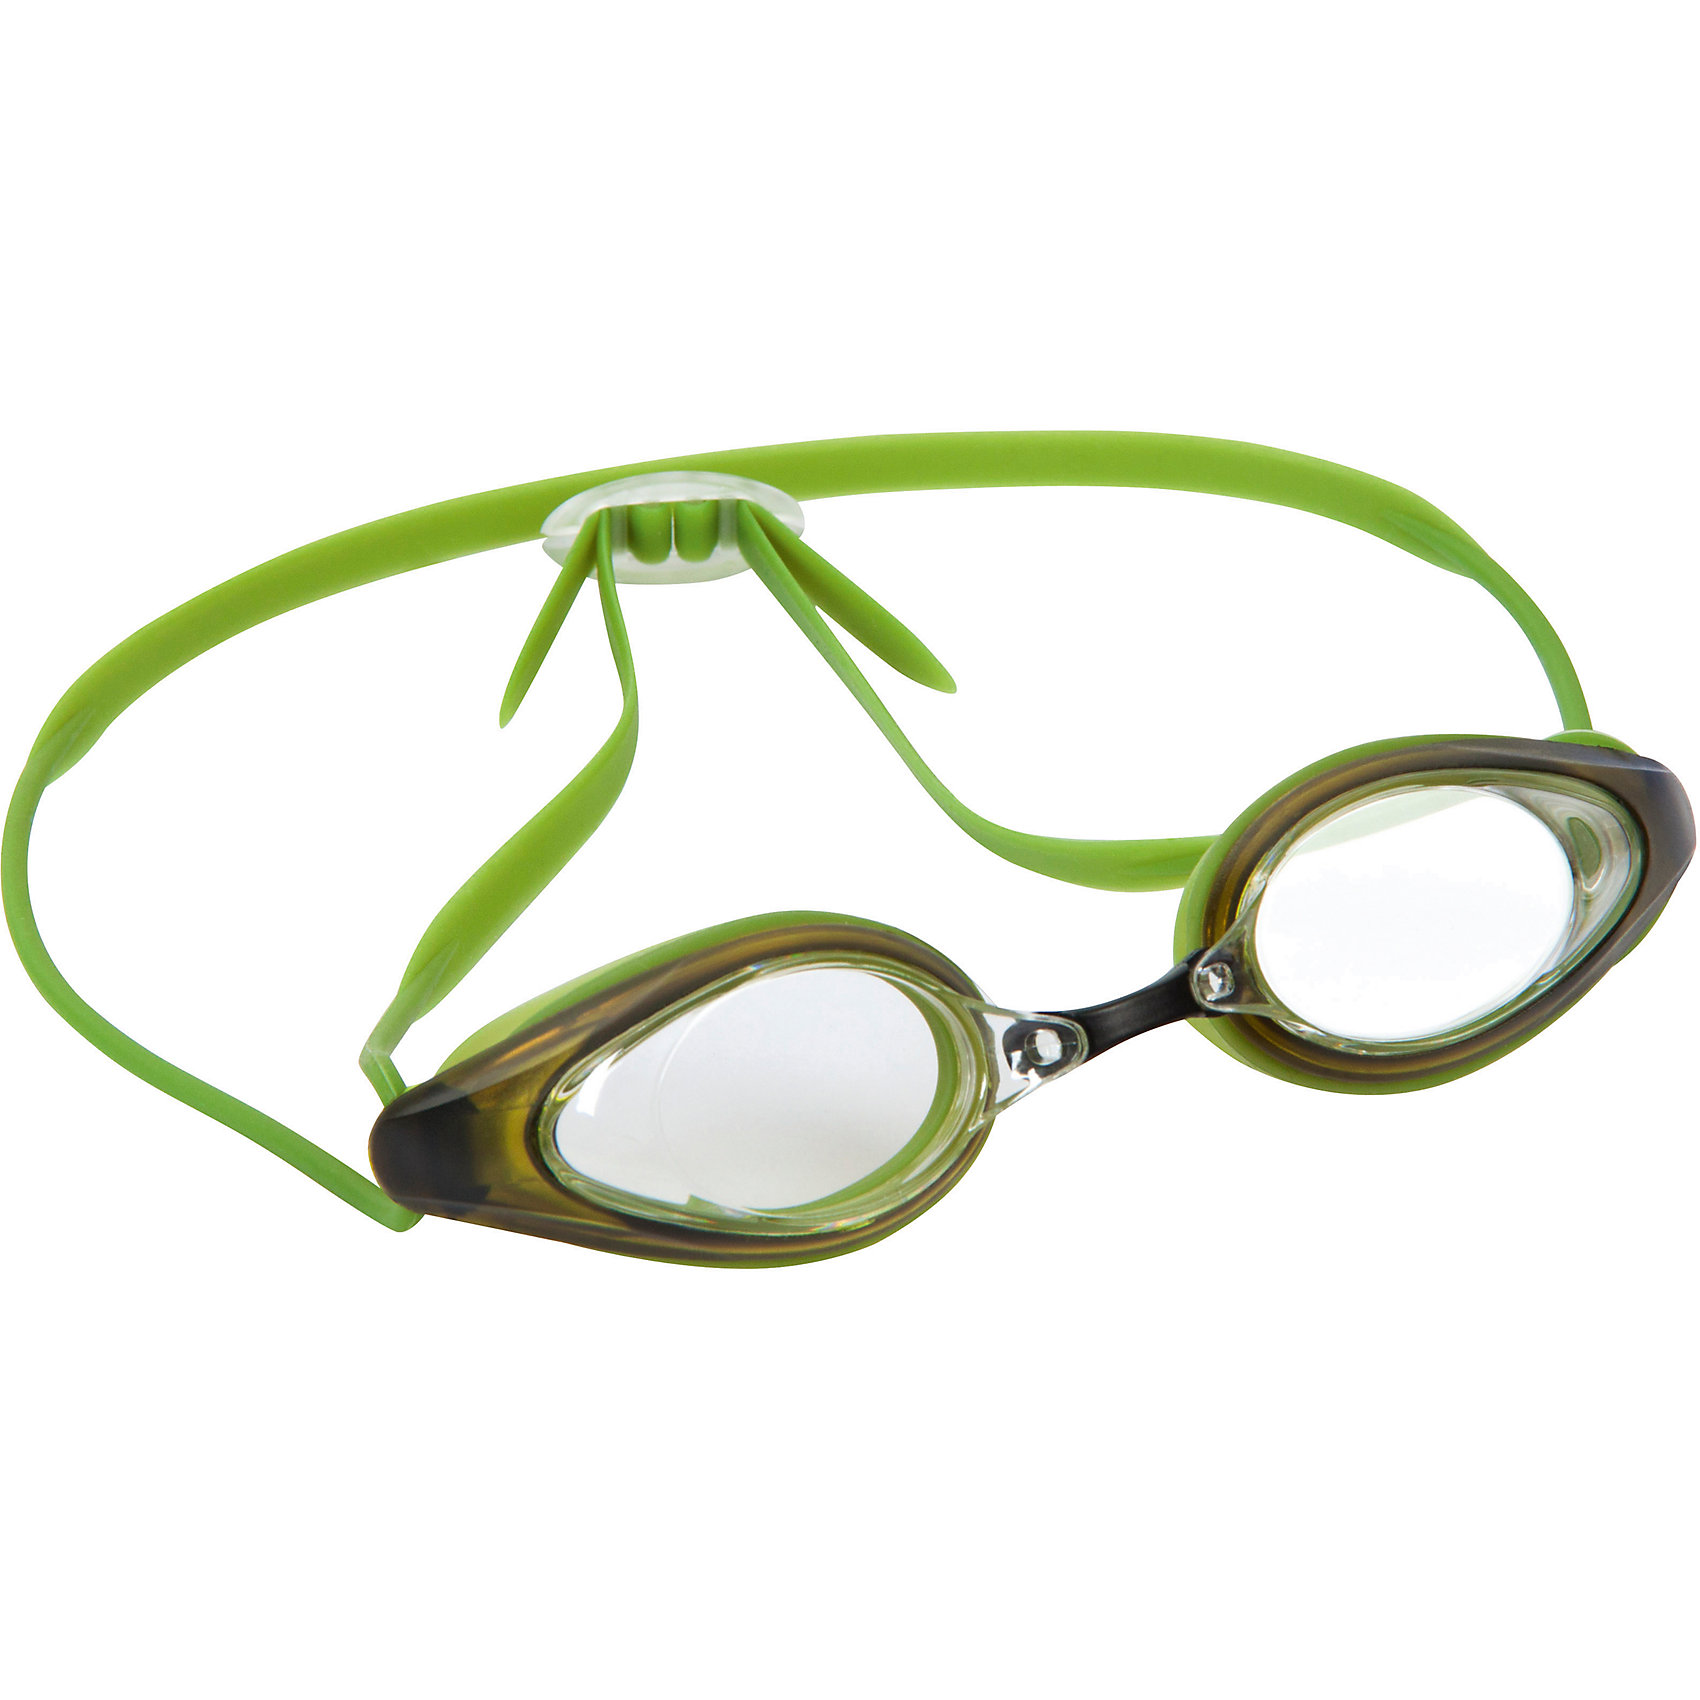 Очки для плавания Razorlite Race для взрослых, Bestway, зеленыеОчки, маски, ласты, шапочки<br>Характеристики товара:<br><br>• возраст от 14 лет;<br>• материал: силикон, поликарбонат;<br>• размер упаковки 18х6х5 см;<br>• вес упаковки 40 гр.;<br>• страна производитель: Китай.<br><br>Очки для плавания Bestway Razorlite Race зеленые подойдут как для активного отдыха на природе, так и для занятий плаванием в бассейне. Очки подойдут детям от 14 лет и взрослым. Оправа и переносица плотно прилегают к лицу, не пропуская воду внутрь. Линзы из поликарбоната обеспечивают хороший обзор во время плавания, а также защищают от вредных УФ-лучей. Регулируемый ремешок настраивается до необходимого размера.<br><br>Очки для плавания Bestway Razorlite Race зеленые можно приобрести в нашем интернет-магазине.<br><br>Ширина мм: 600<br>Глубина мм: 207<br>Высота мм: 540<br>Вес г: 105<br>Возраст от месяцев: 144<br>Возраст до месяцев: 2147483647<br>Пол: Унисекс<br>Возраст: Детский<br>SKU: 5613187